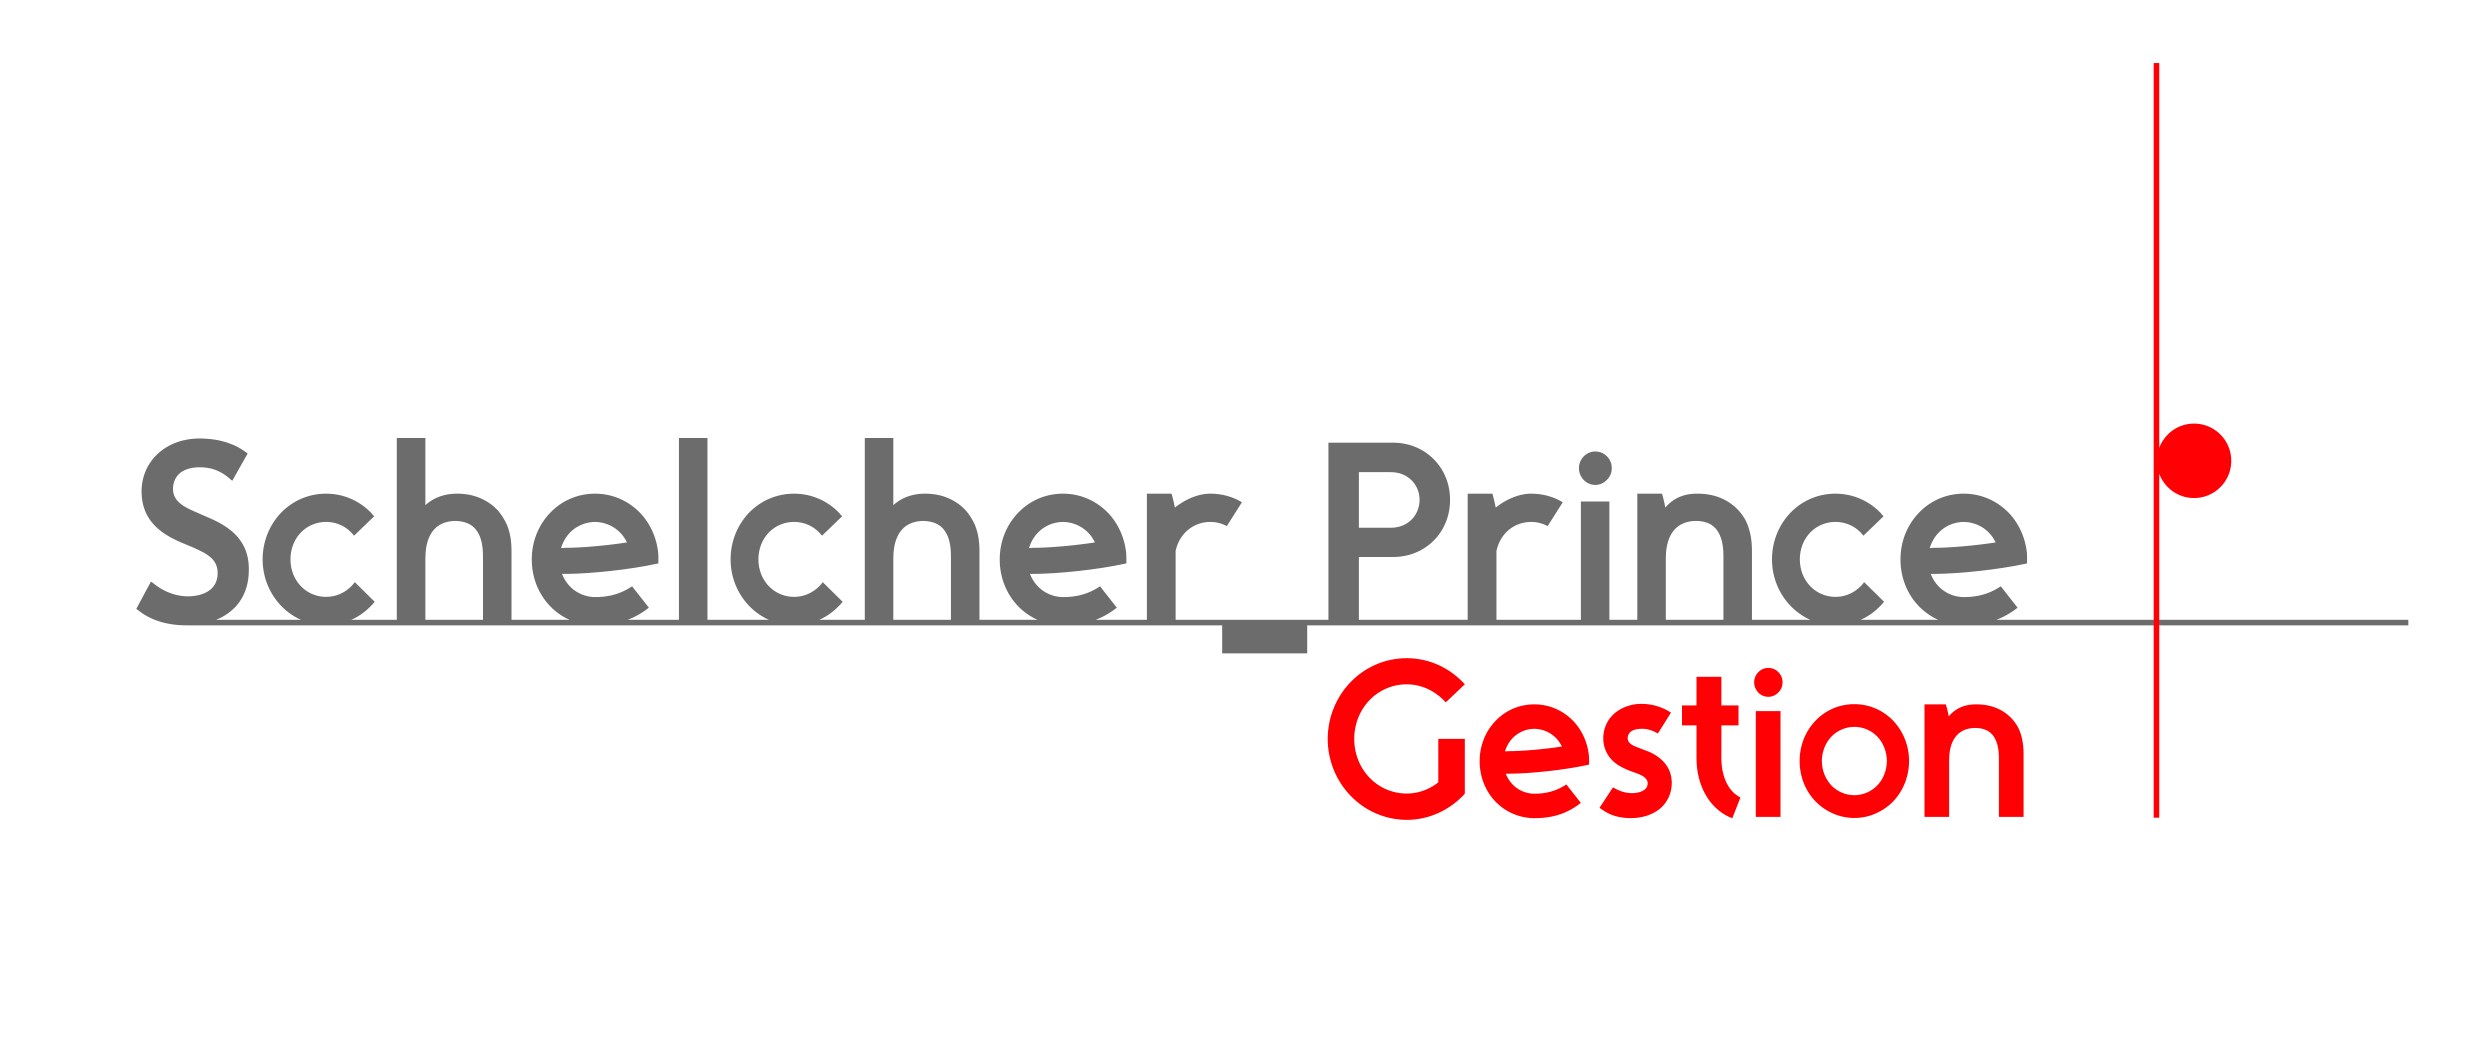 schelcher prince gestion